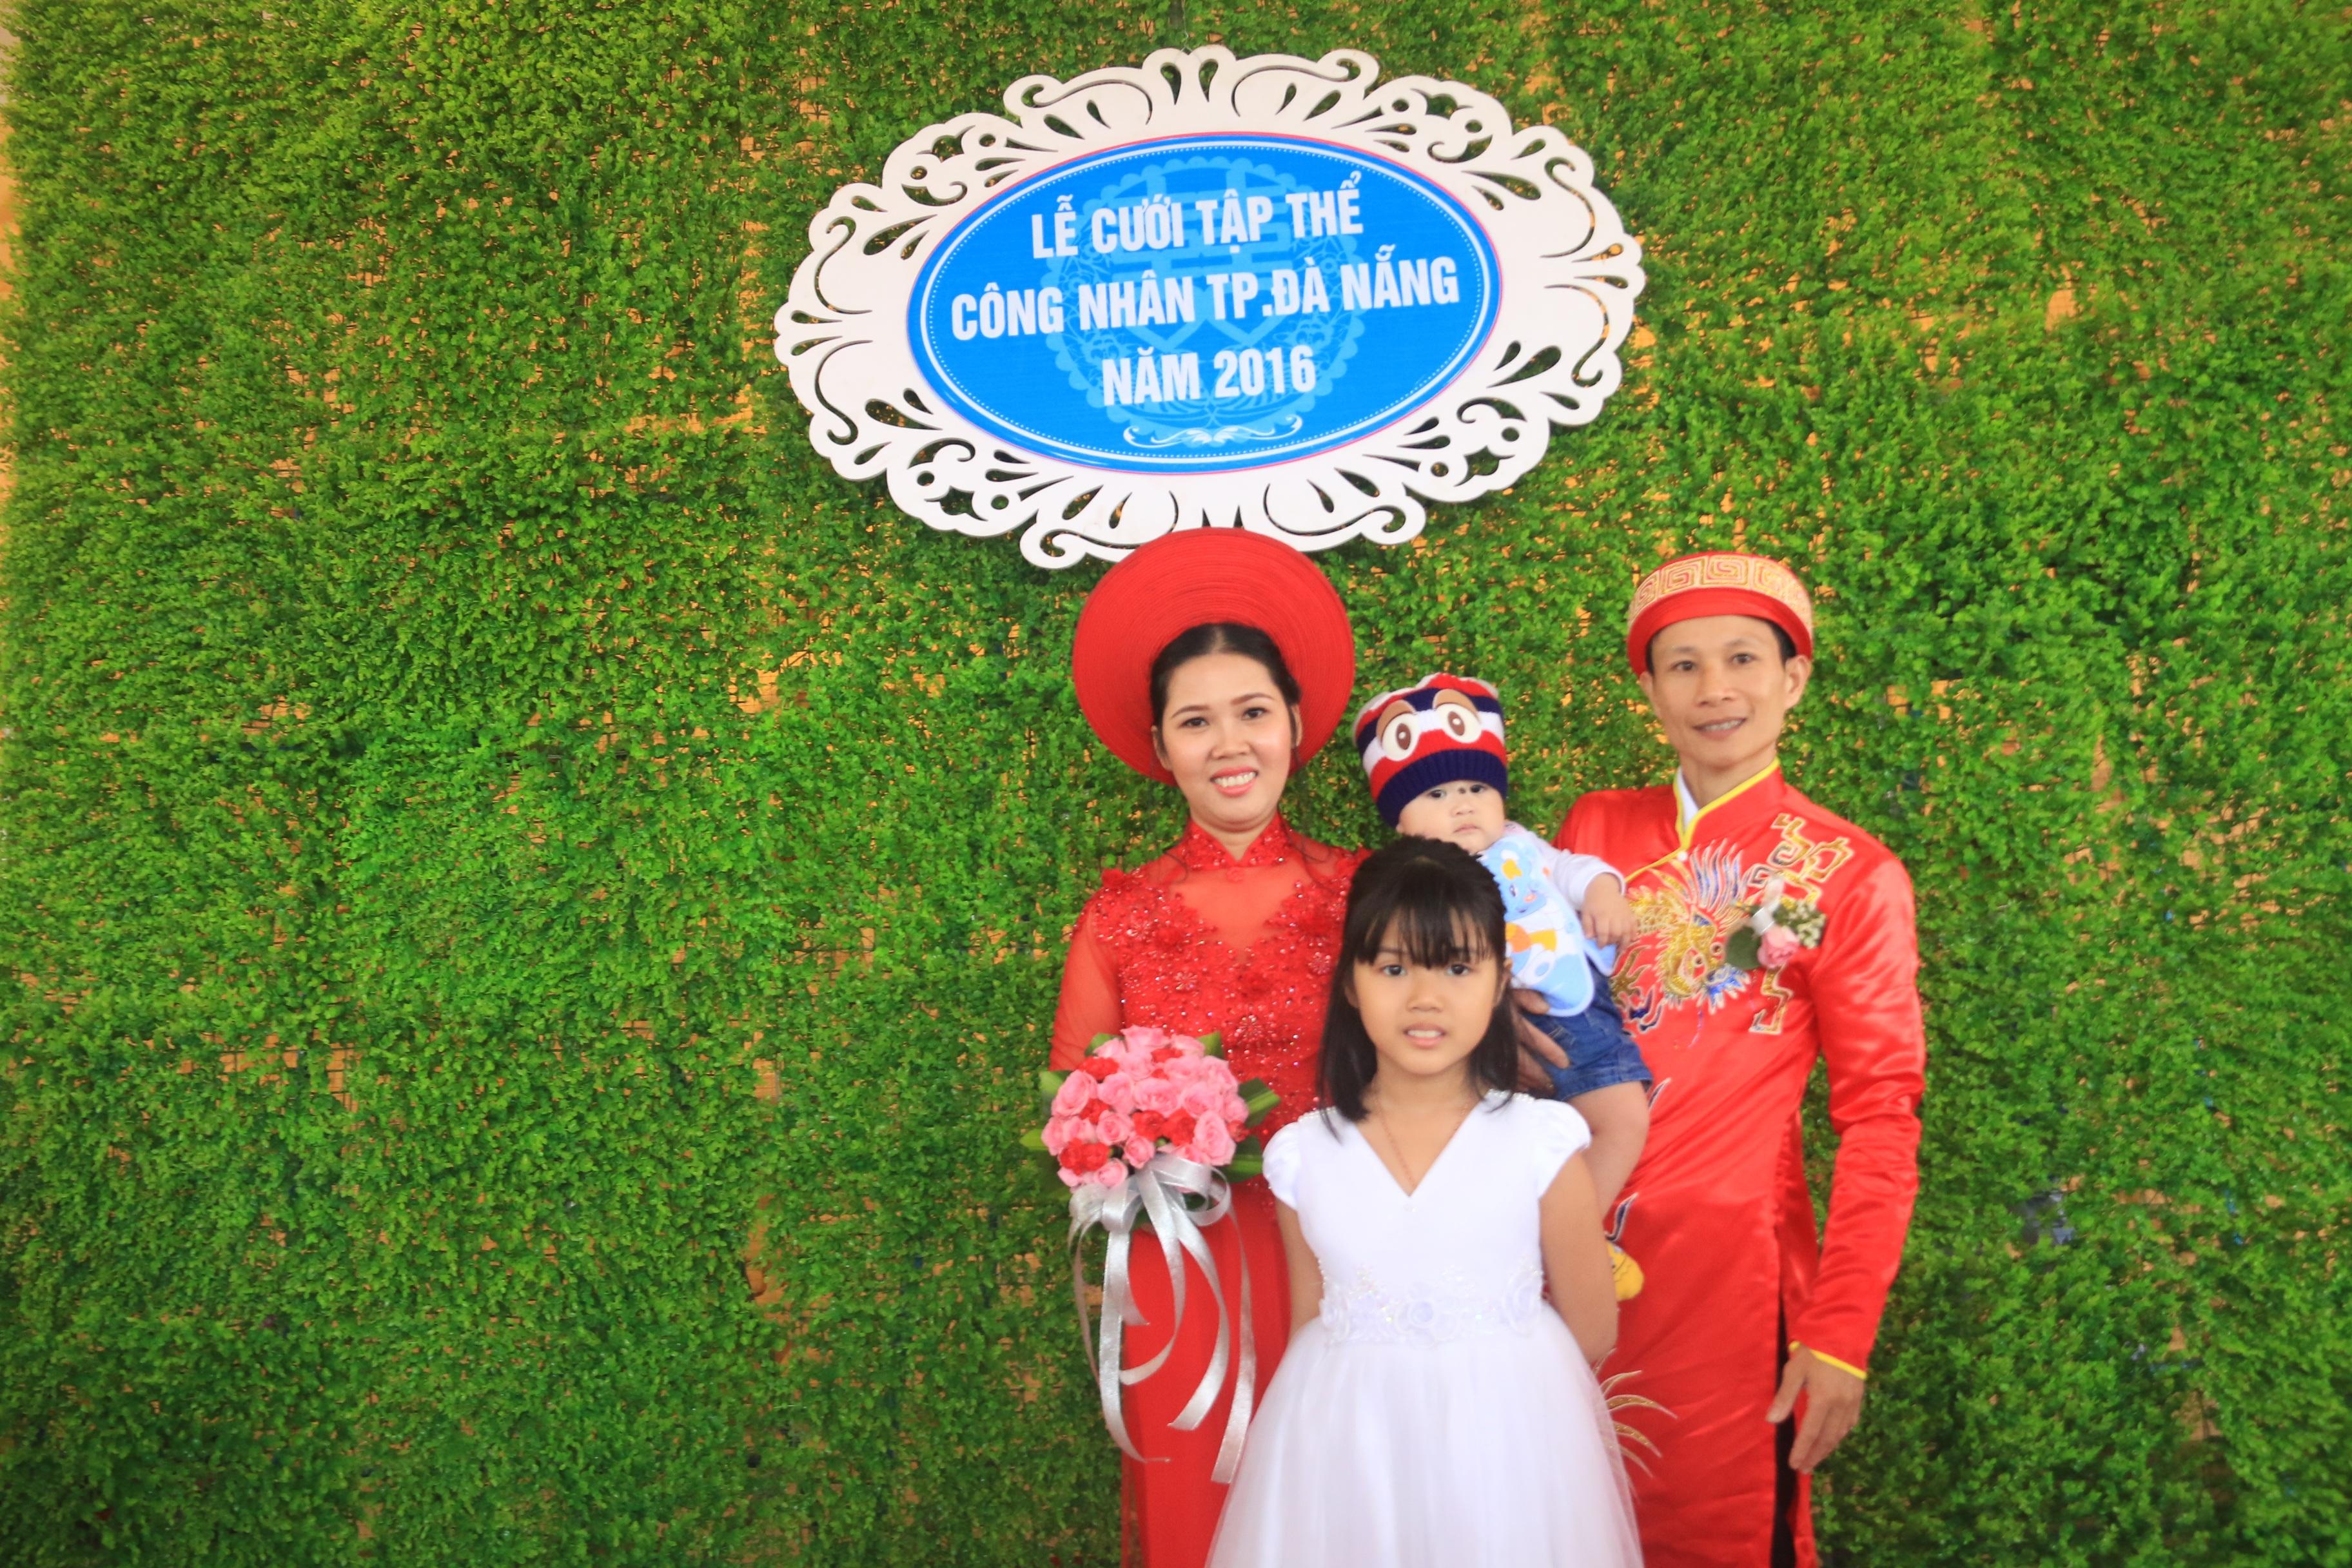 Chú rể Nguyễn Hữu Chỉnh và cô dâu Nguyễn Thị Hiền (Tổng Cty Dệt may Hòa Thọ) hạnh phúc hơn trong ngày cưới khi có 2 con bên cạnh